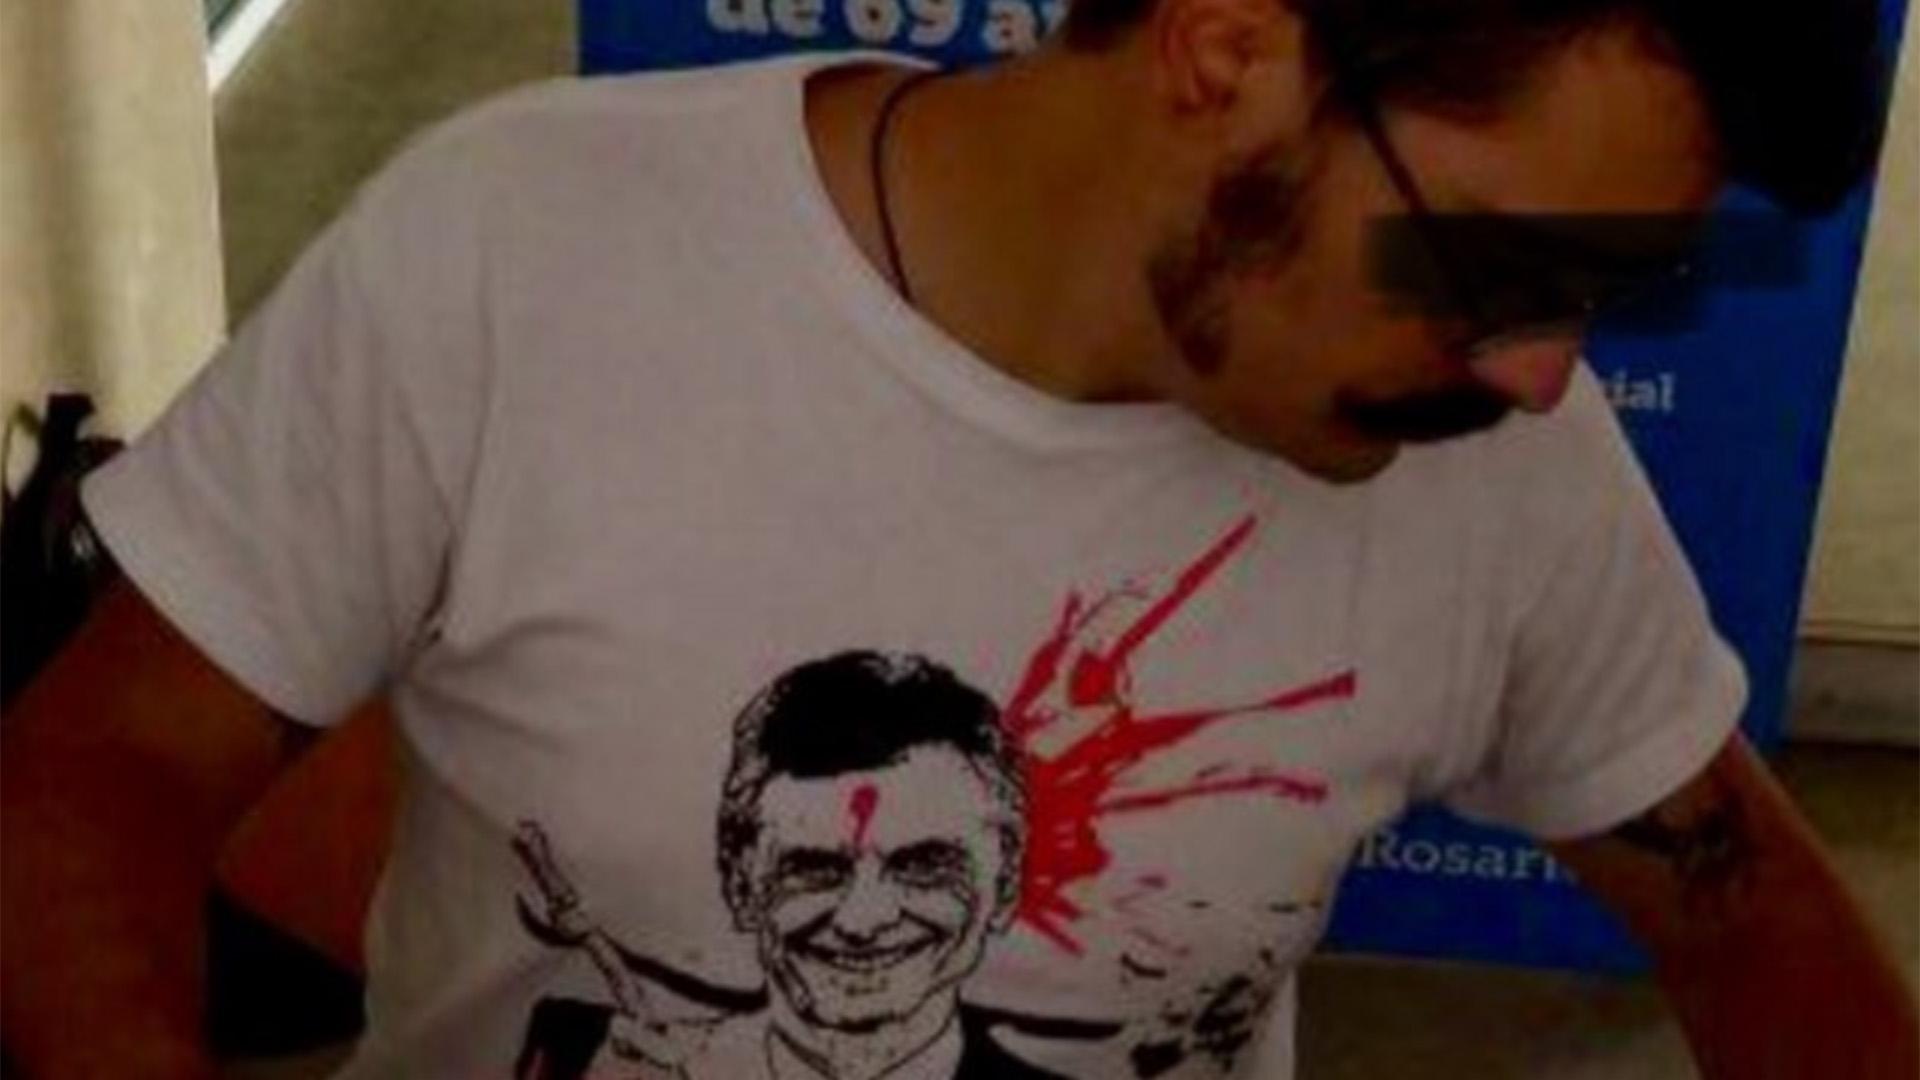 La foto del empleado municipal con la imagen de Mauricio Macri con un tiro en la frente.